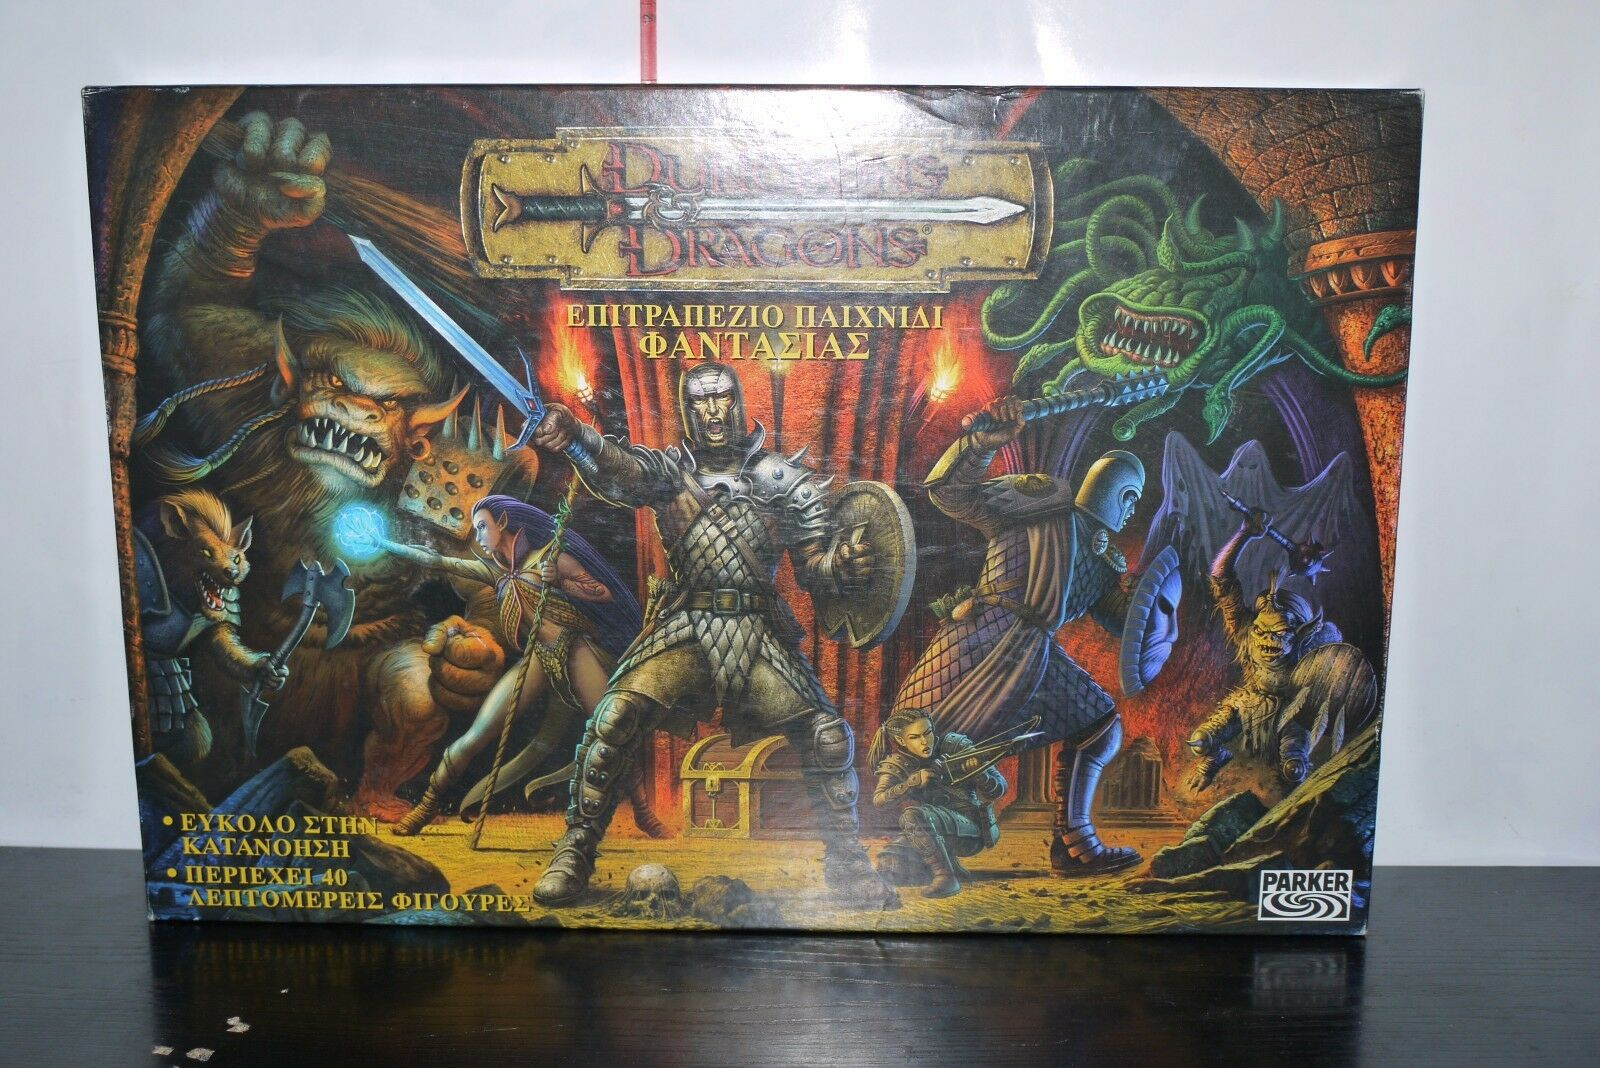 VINTAGE 2003 DND D&D DUNGEONS & DRAGONS BOARD GAME PARKER GREEK COMPLETE